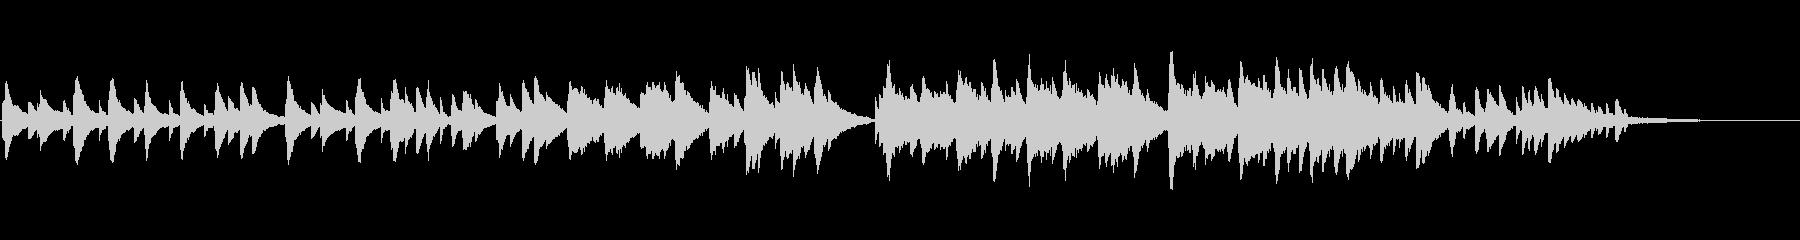 ピアノバラード(切なくしっとり)の未再生の波形